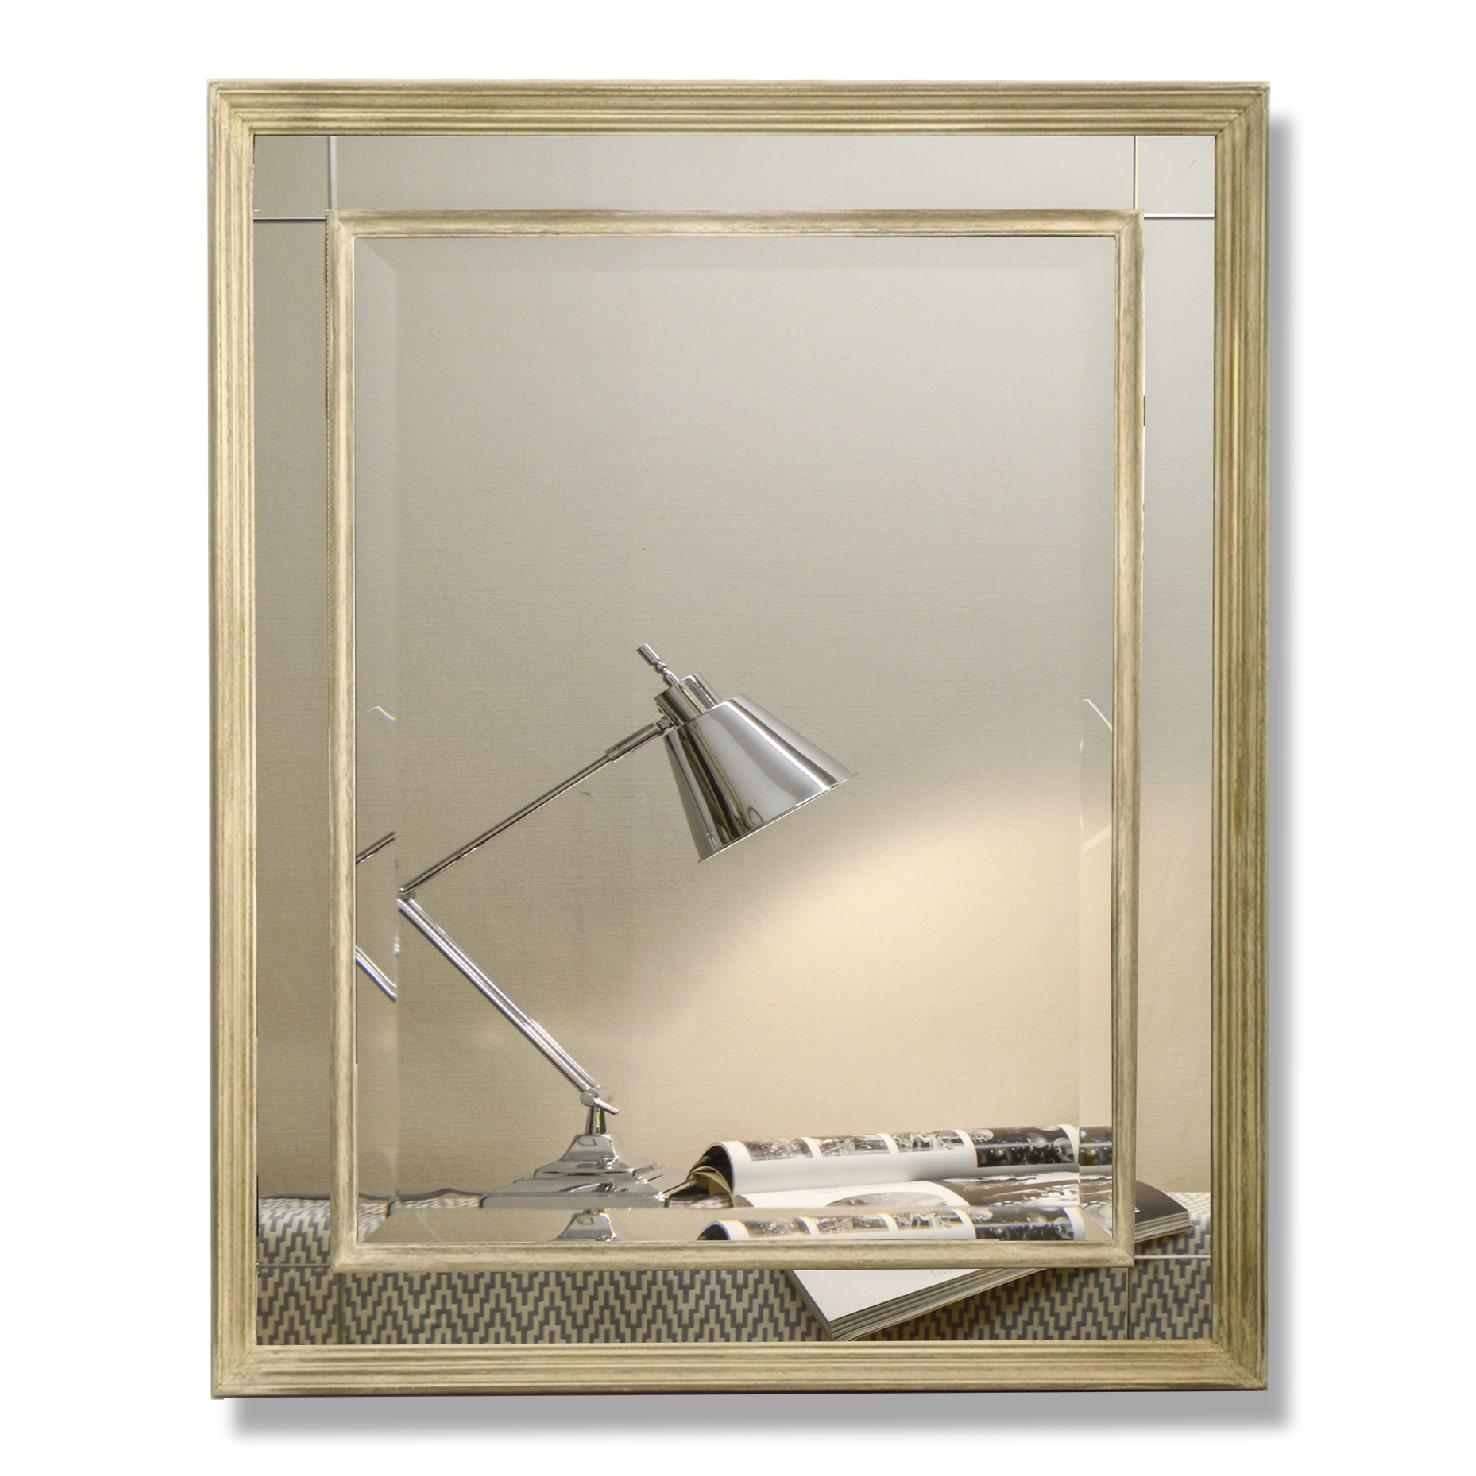 Shoreham Mirror